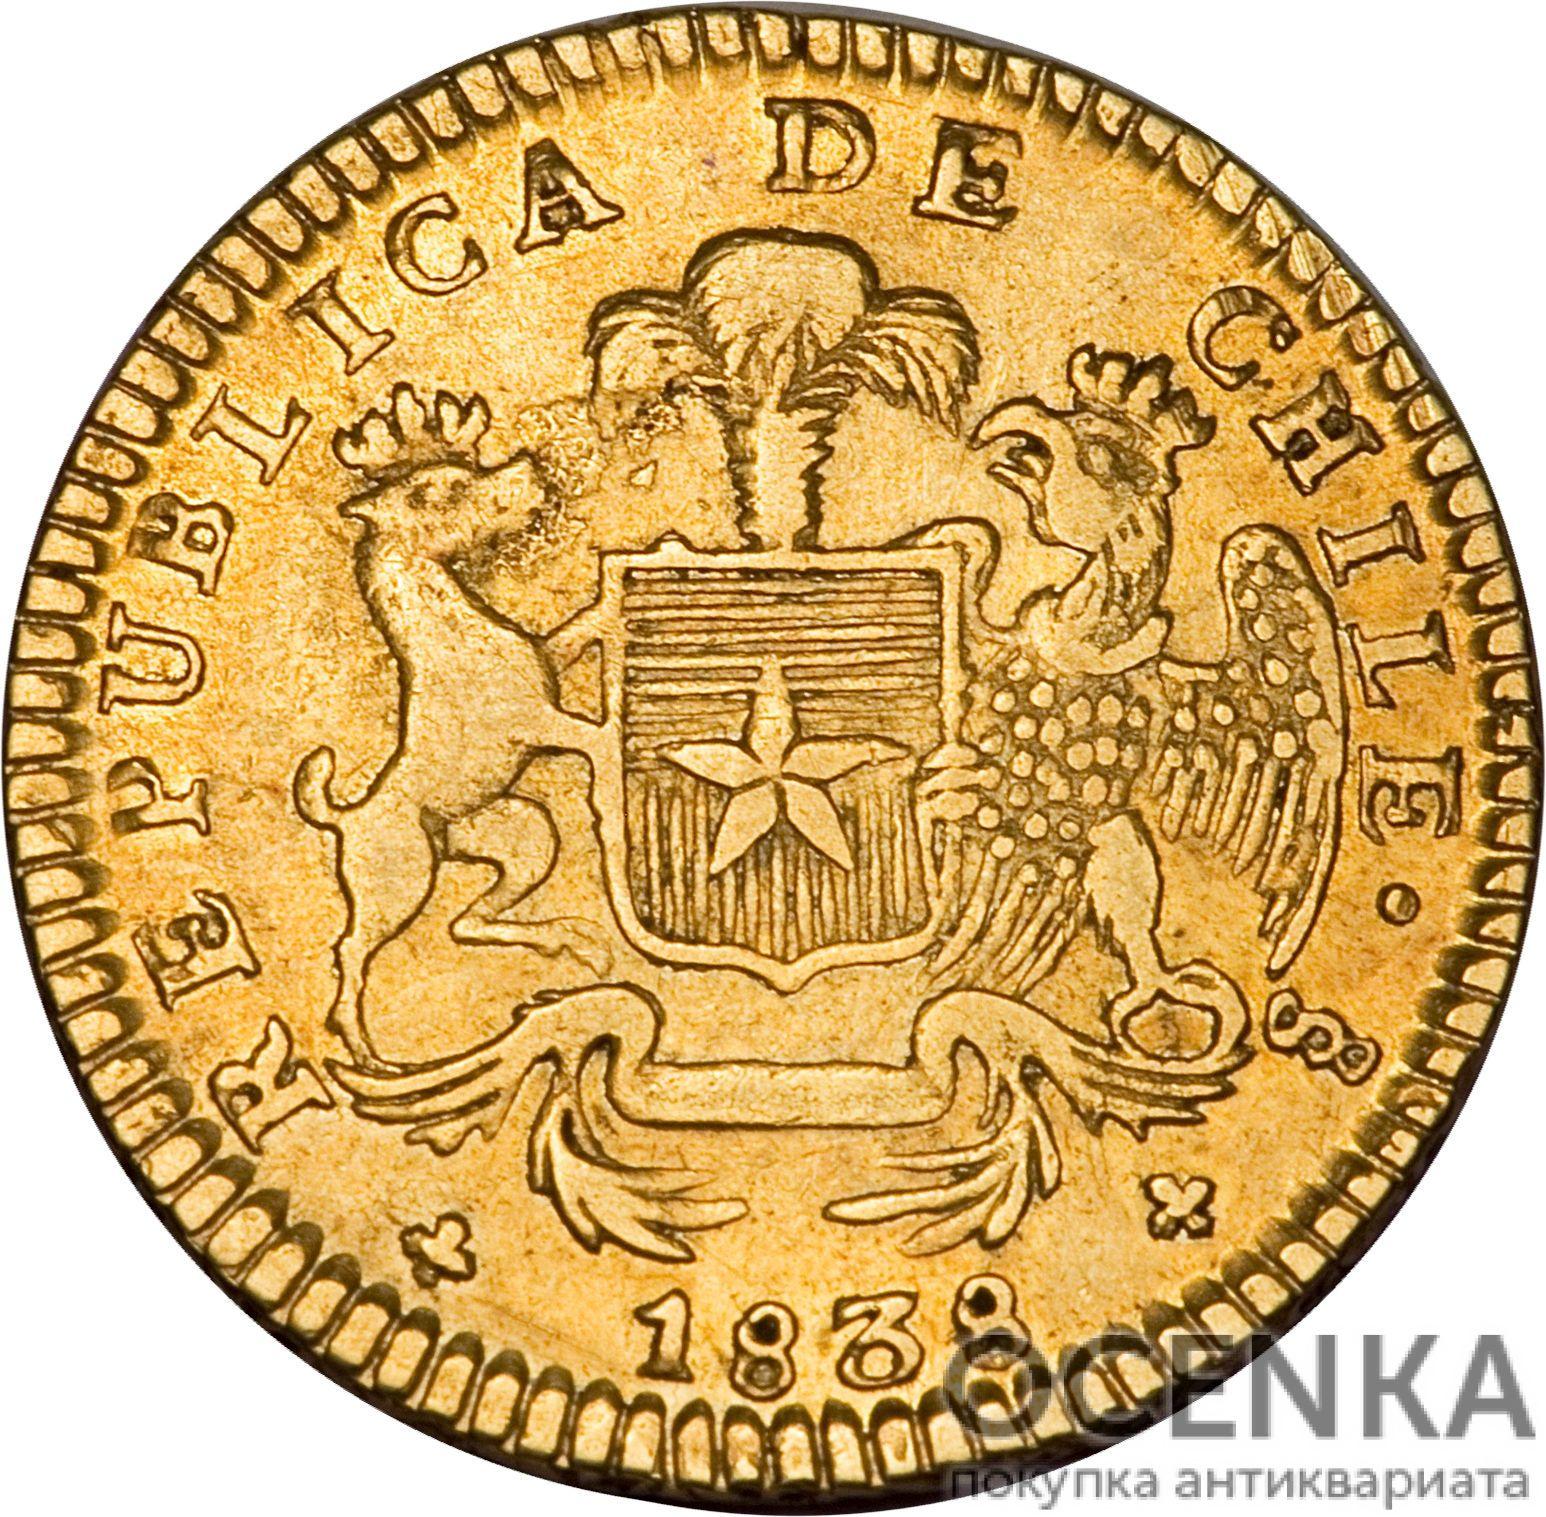 Золотая монета 2 Эскудо (2 Escudos) Чили - 5